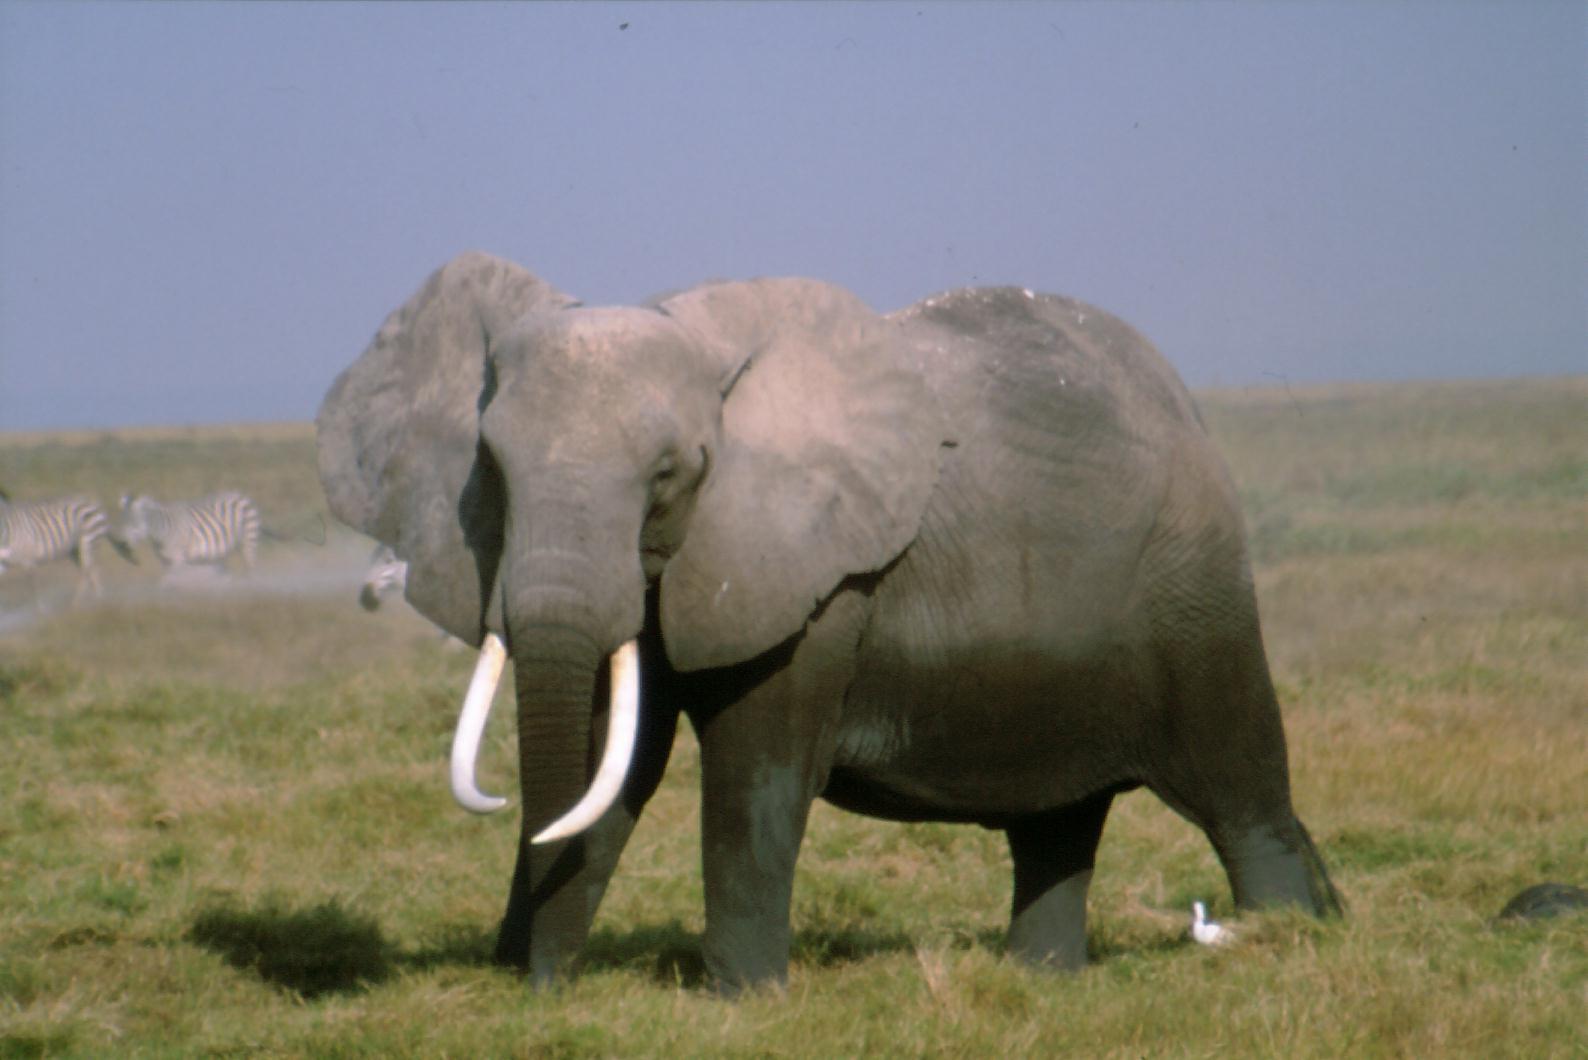 Los mamíferos aumentaron de tamaño con la extinción de los dinosaurios